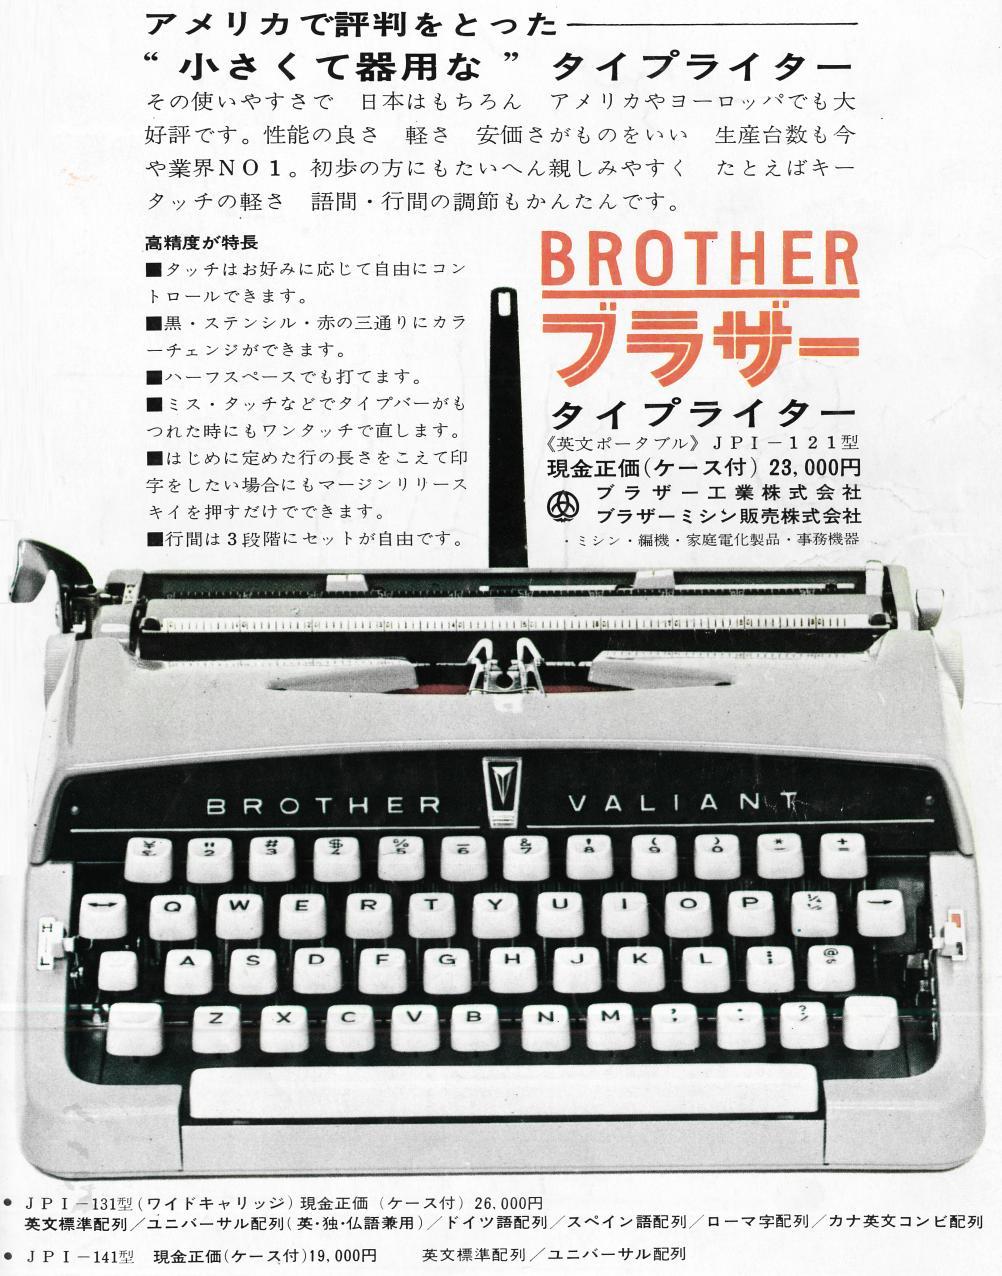 『朝日ジャーナル』1964年4月26日号